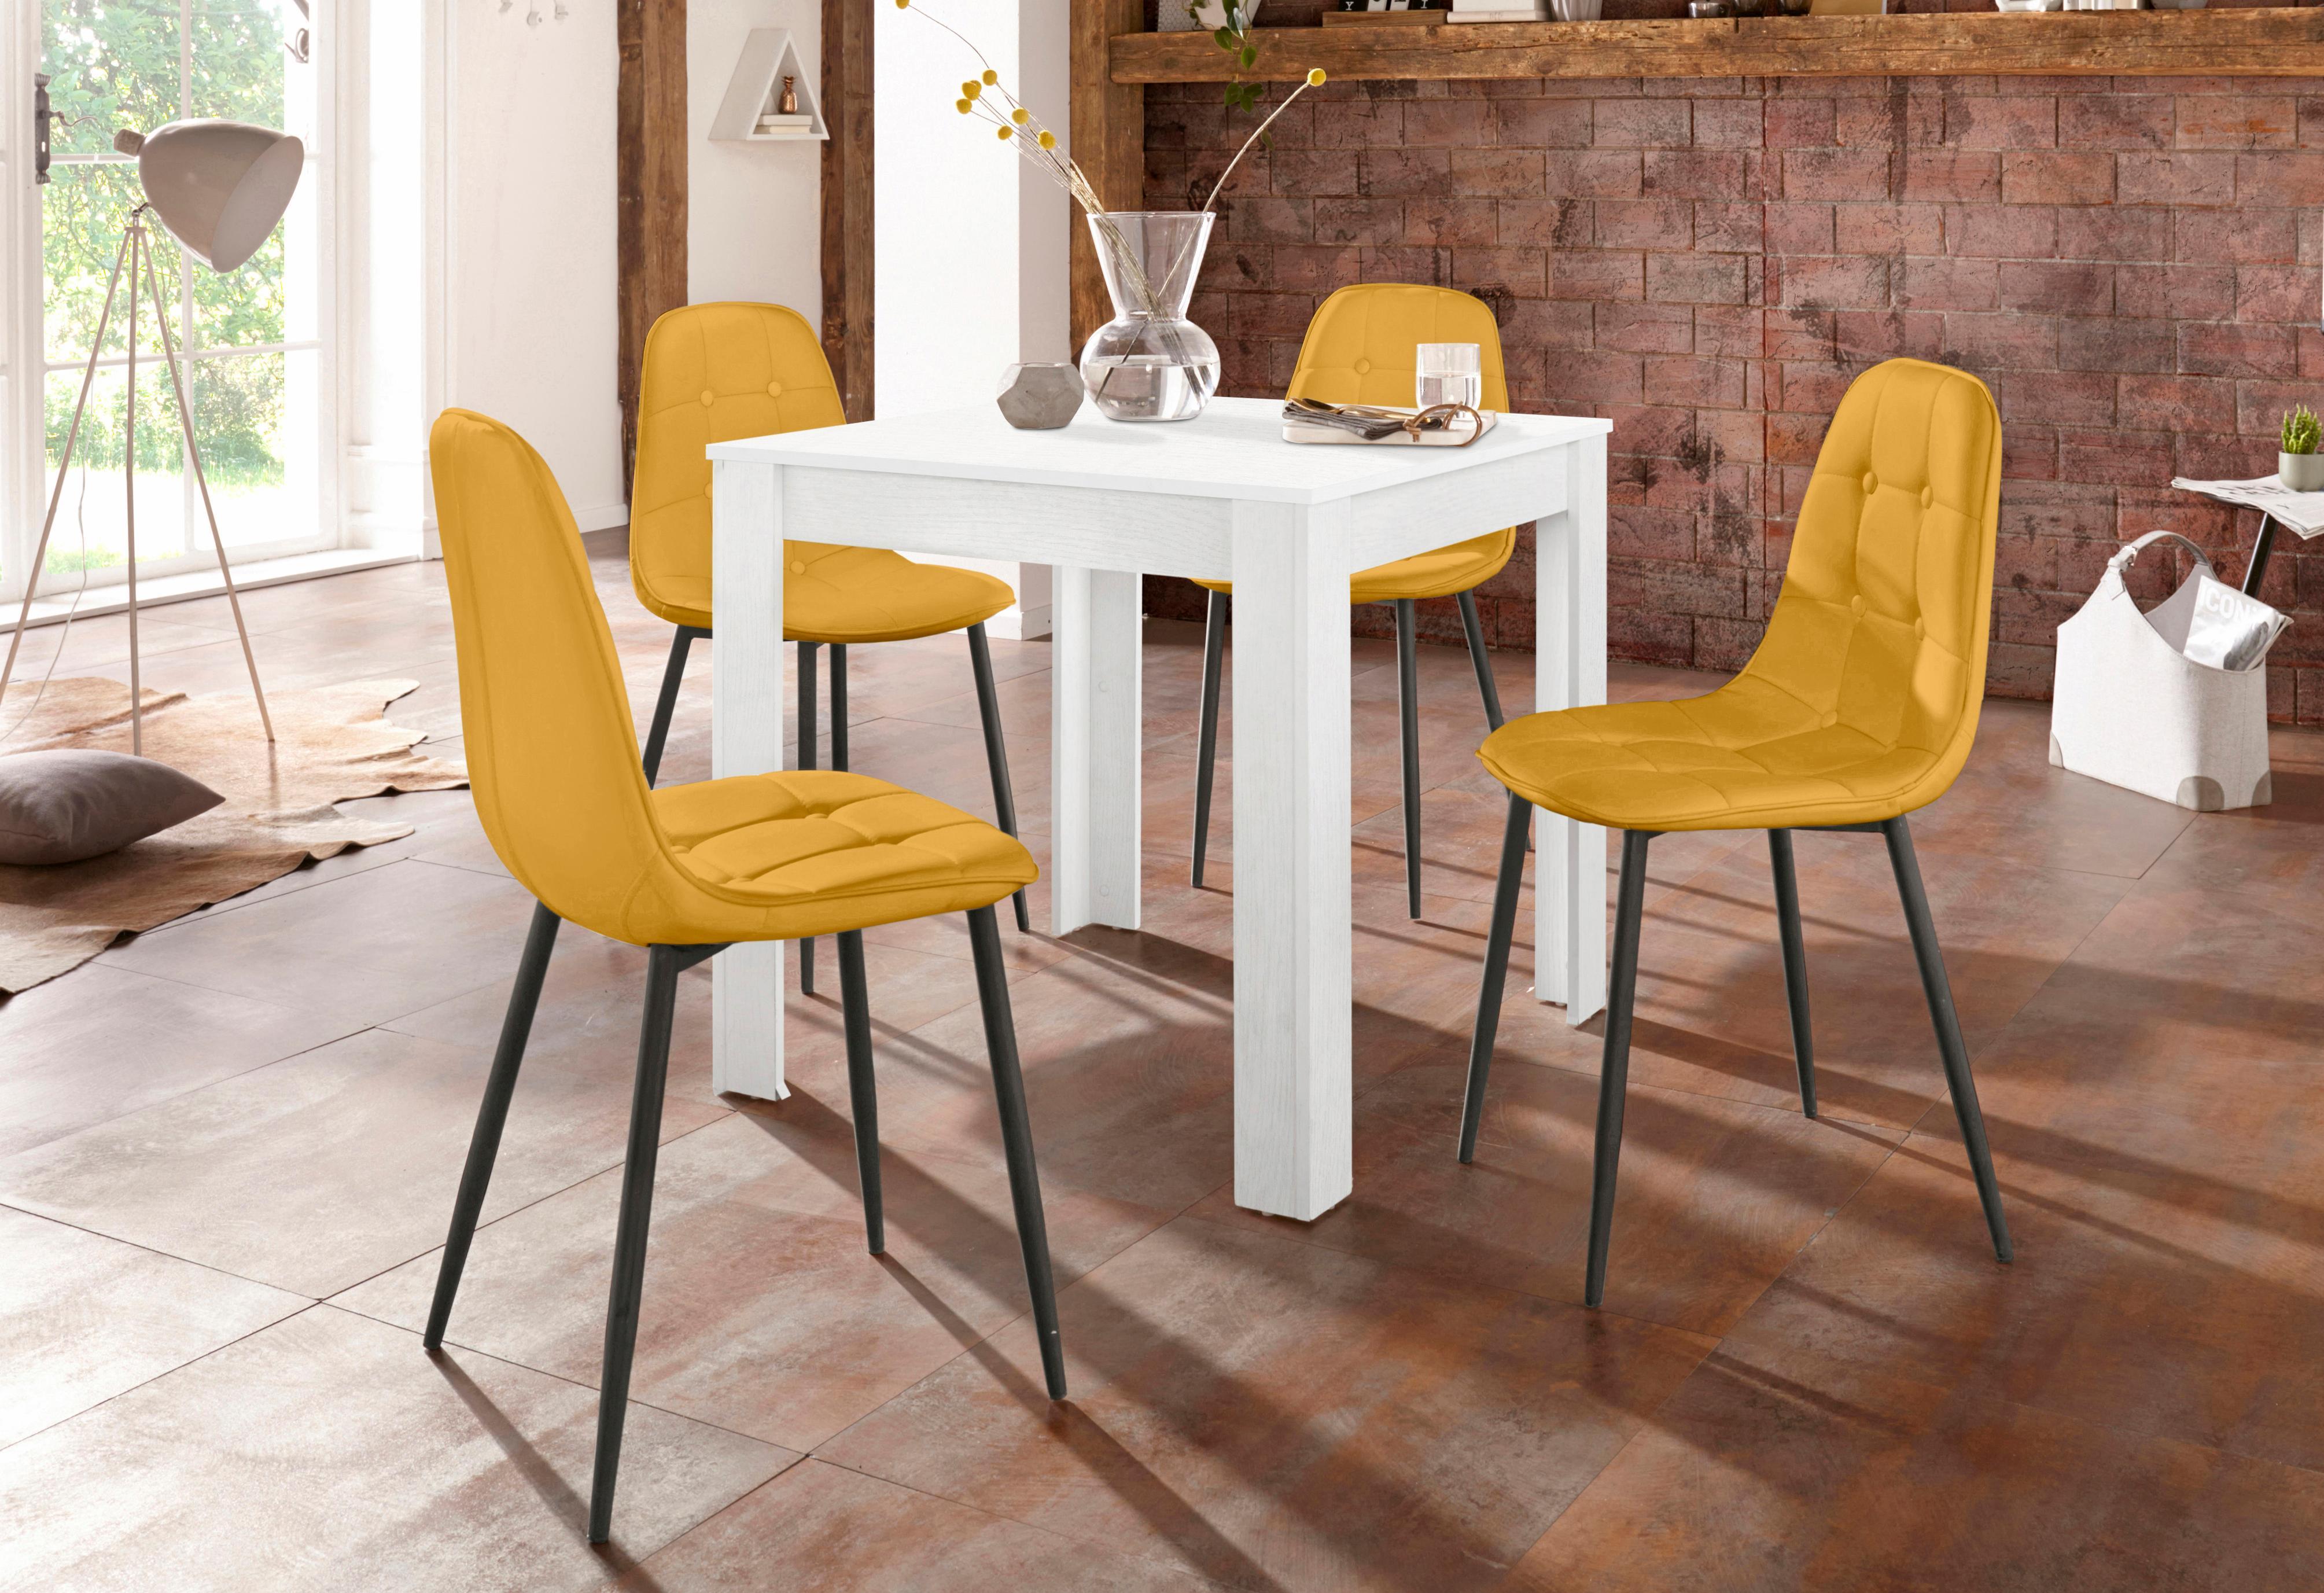 Mit esstisch affordable kleines wohnzimmer mit esstisch for Rattan lounge mit esstisch